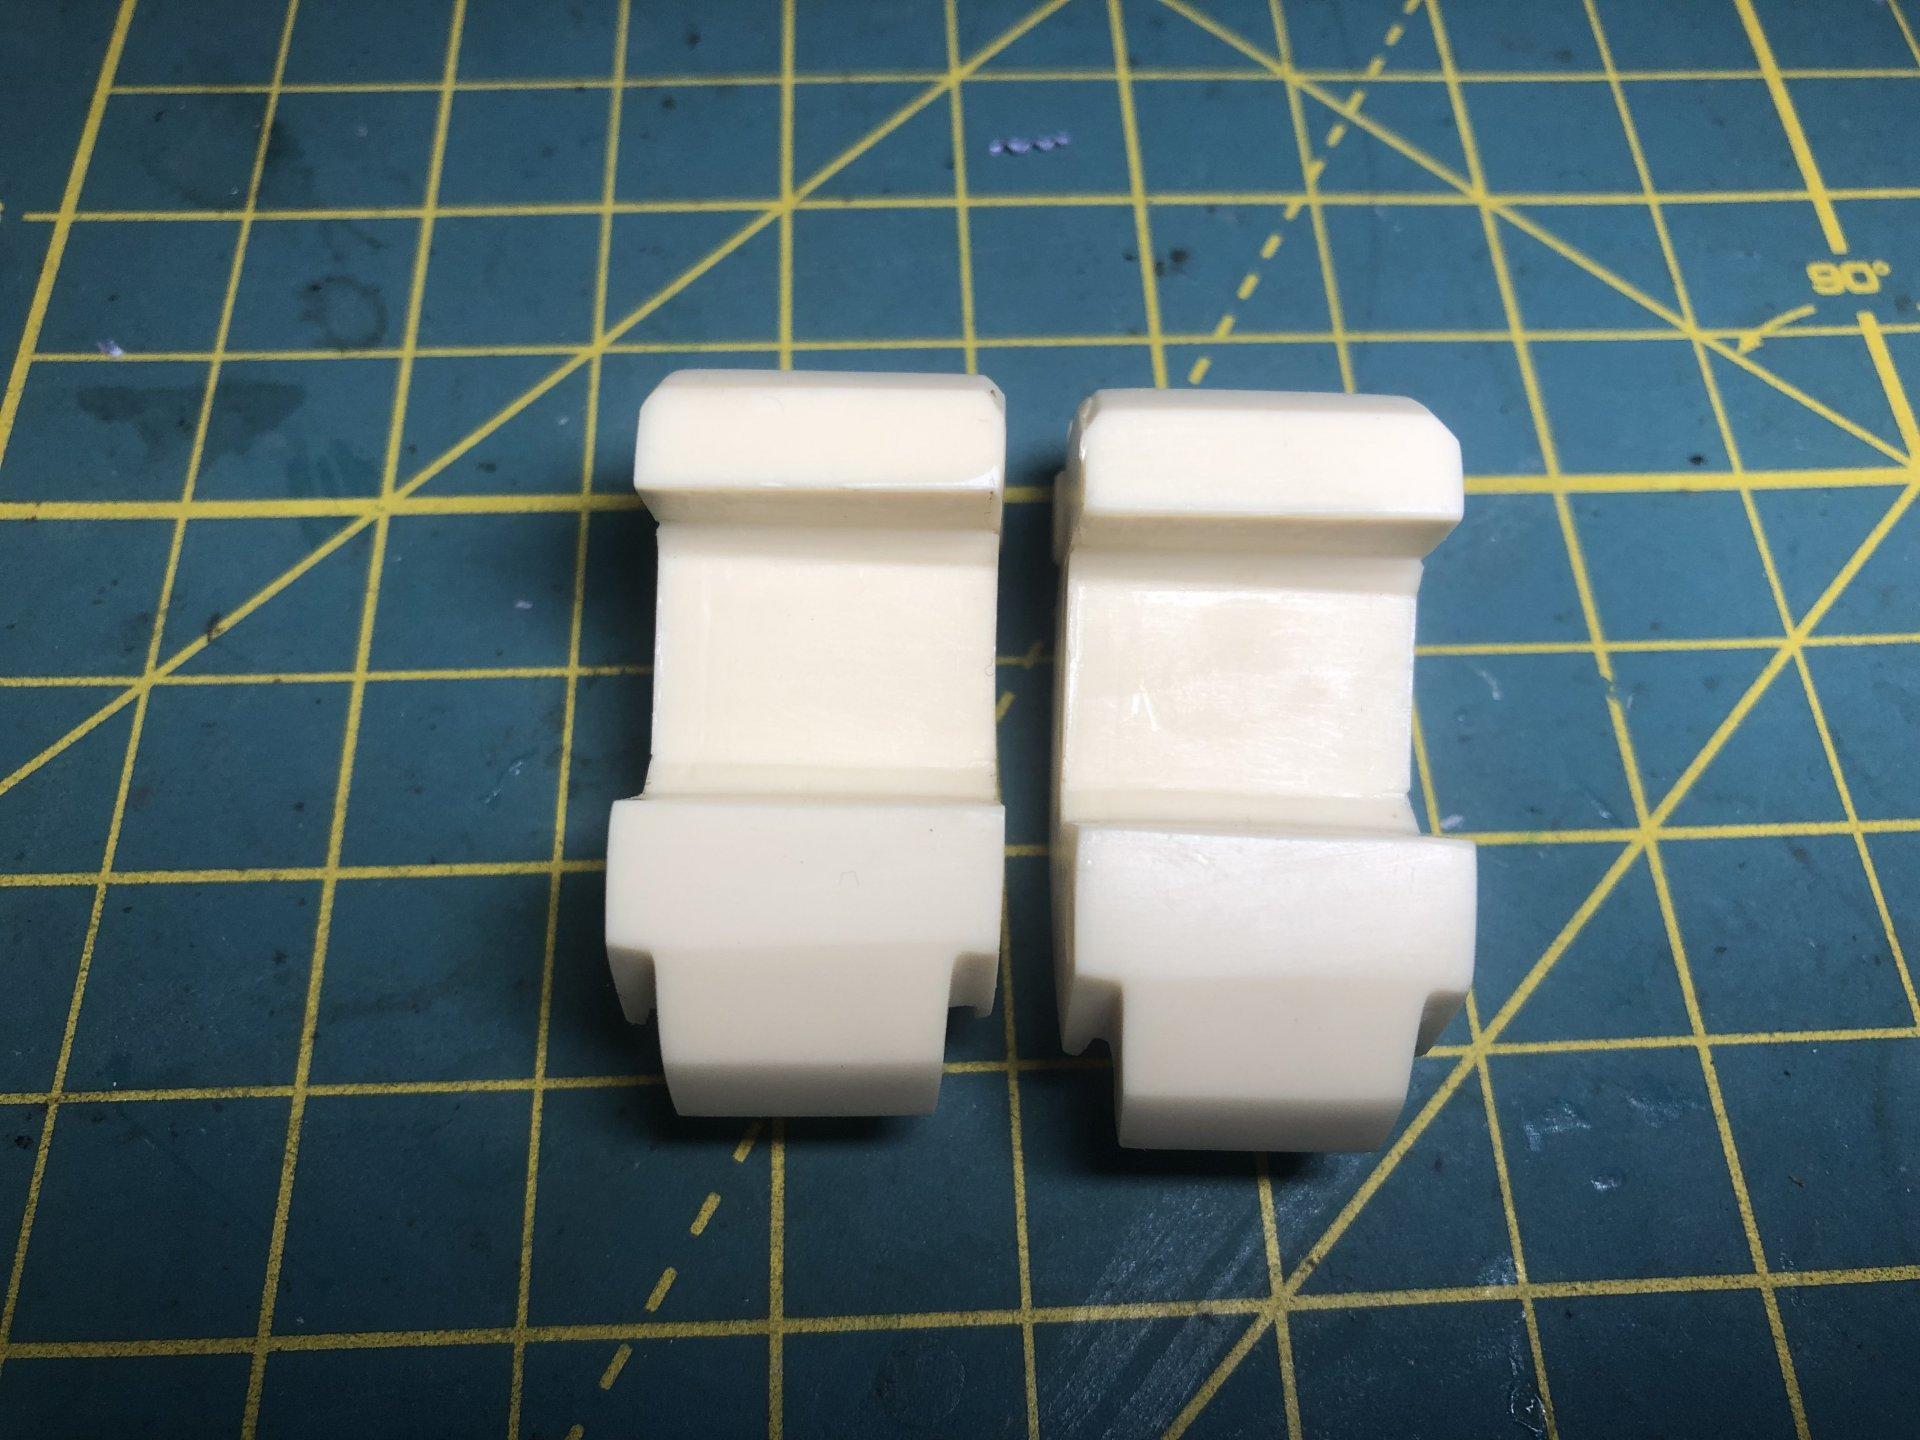 A9204A61-F43E-429A-ABC4-BBE3148ACDEE.thumb.jpeg.12b91415230c811050ceb3f6d58e5a45.jpeg